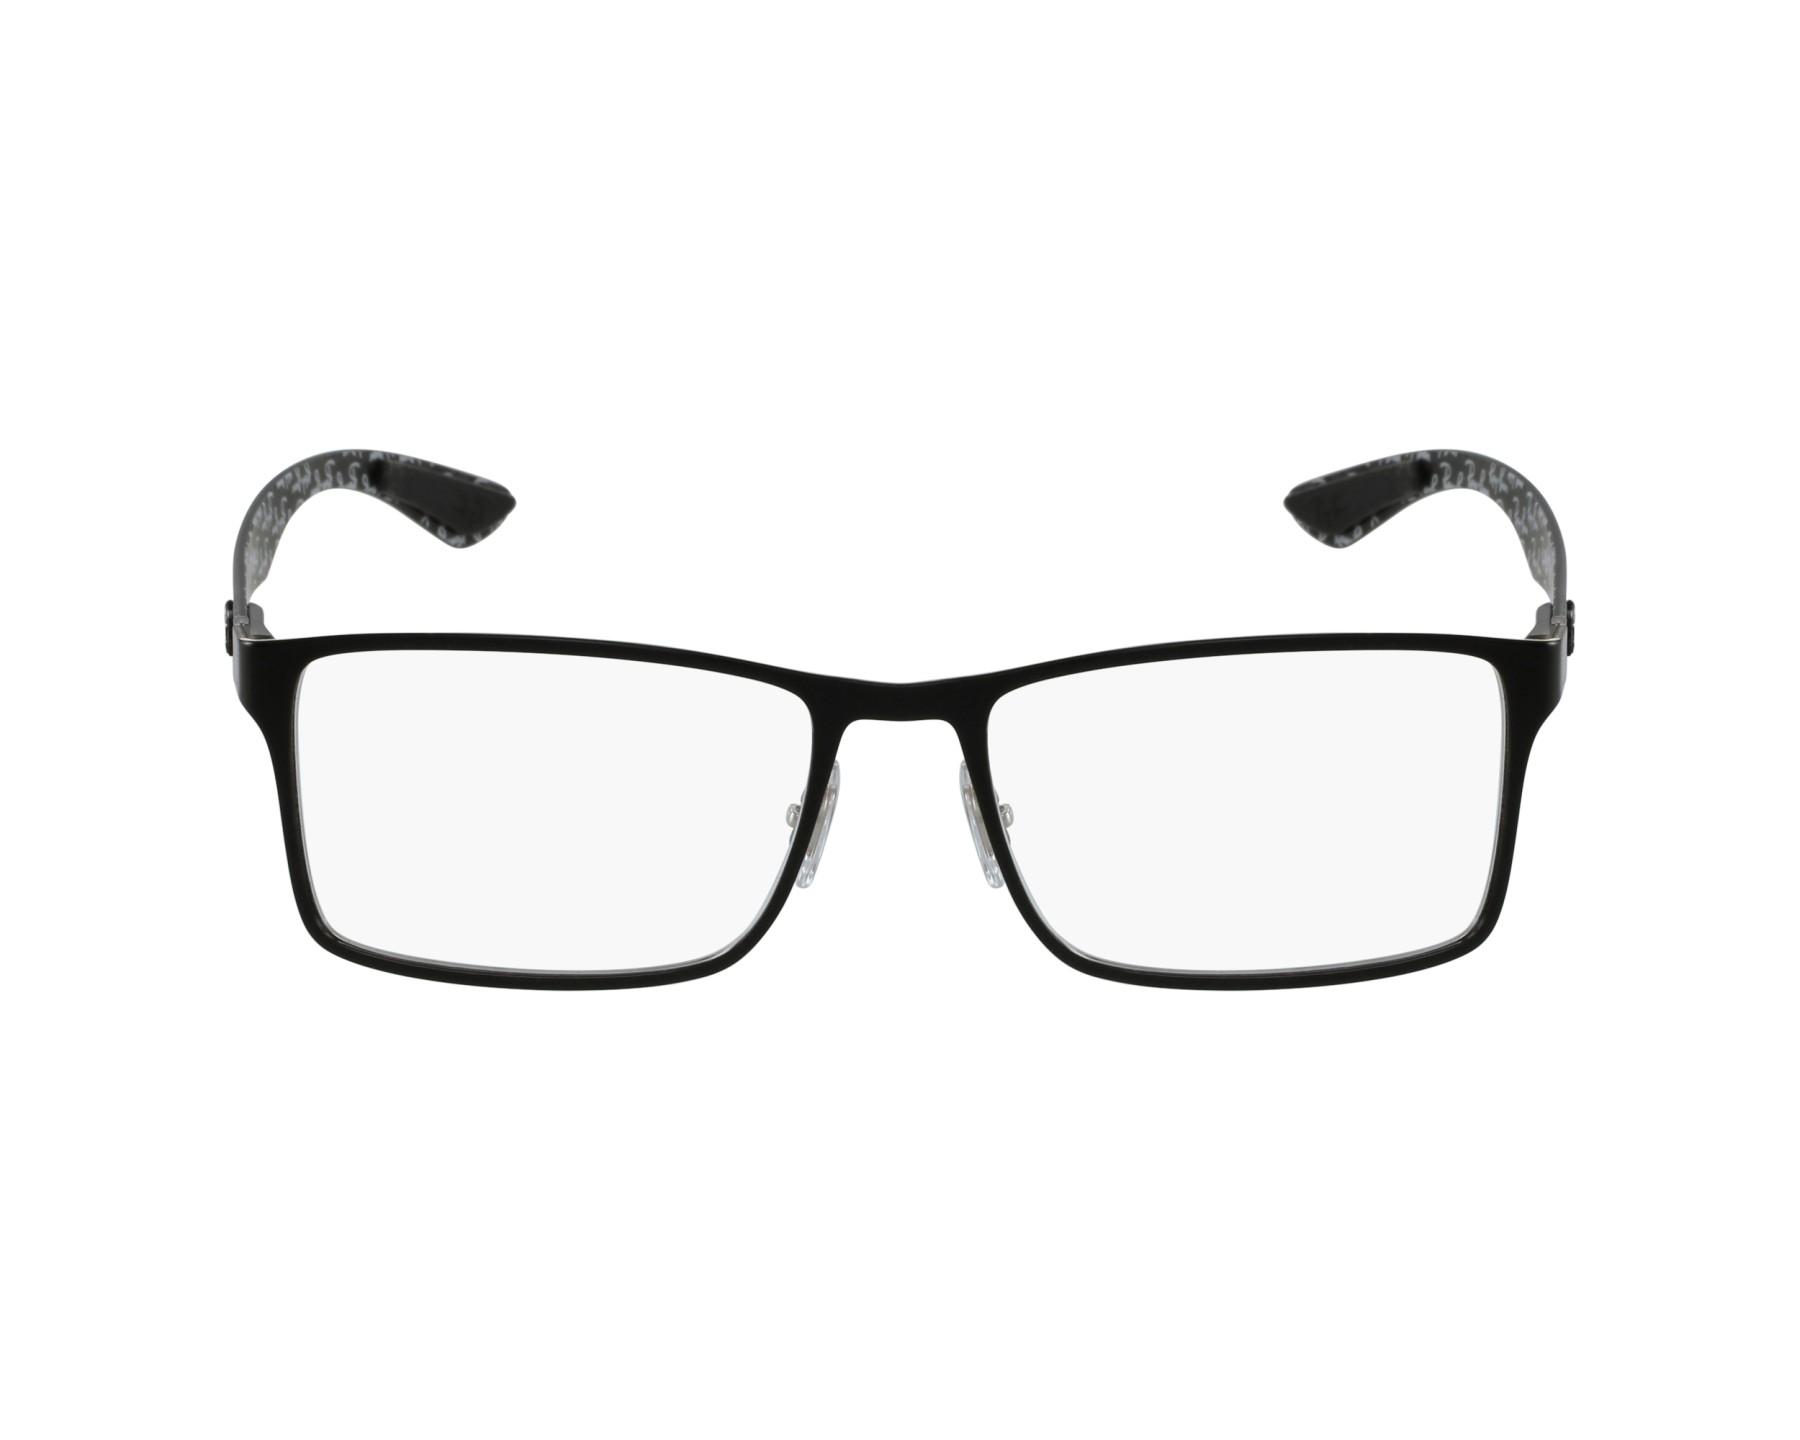 073fe2f05f Gafas Graduadas Ray-Ban RX-8415 2861 - Negra Carbon vista de perfil